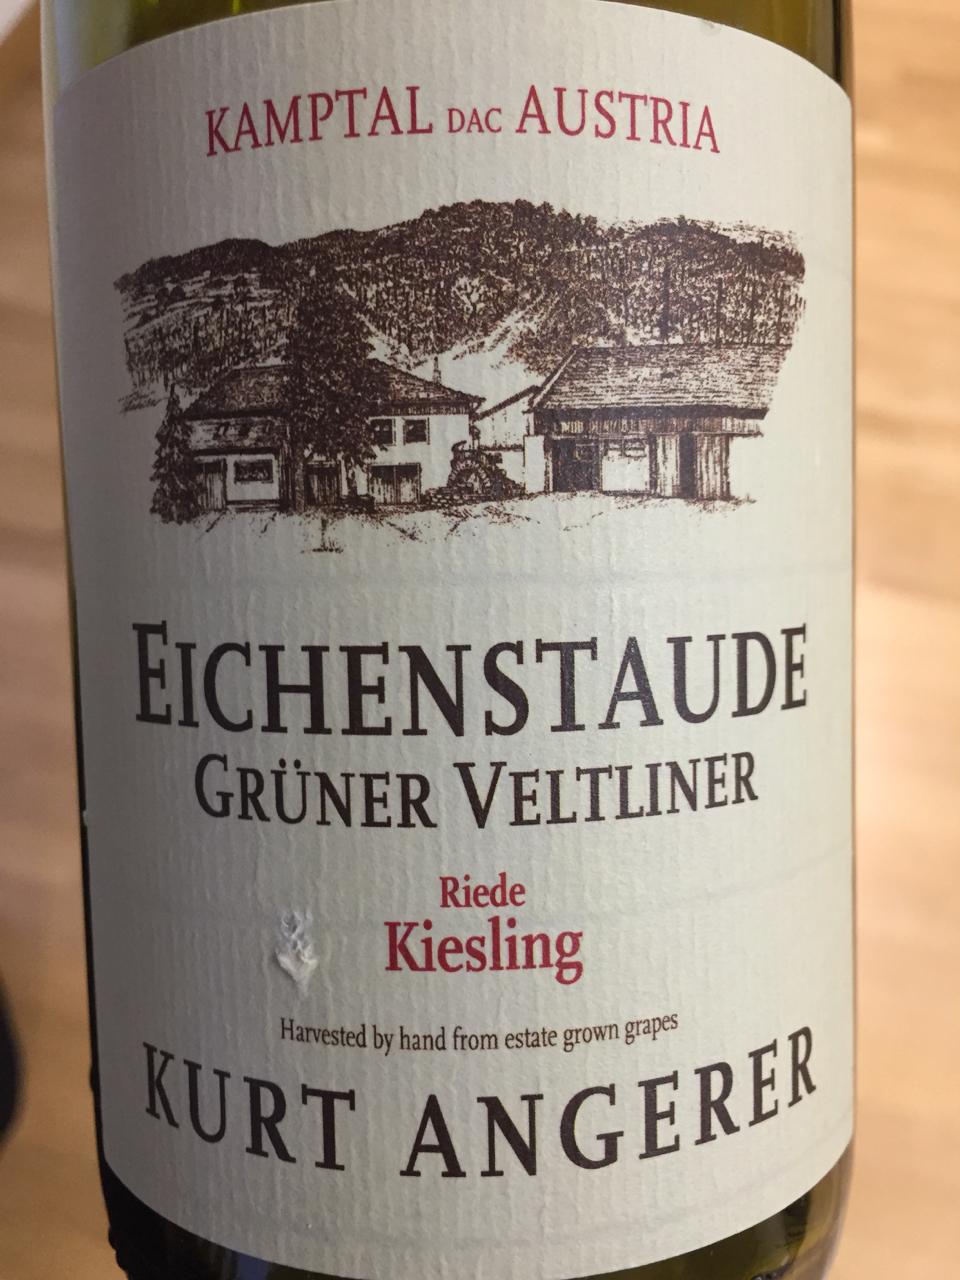 Grüner Veltliner (12).jpg